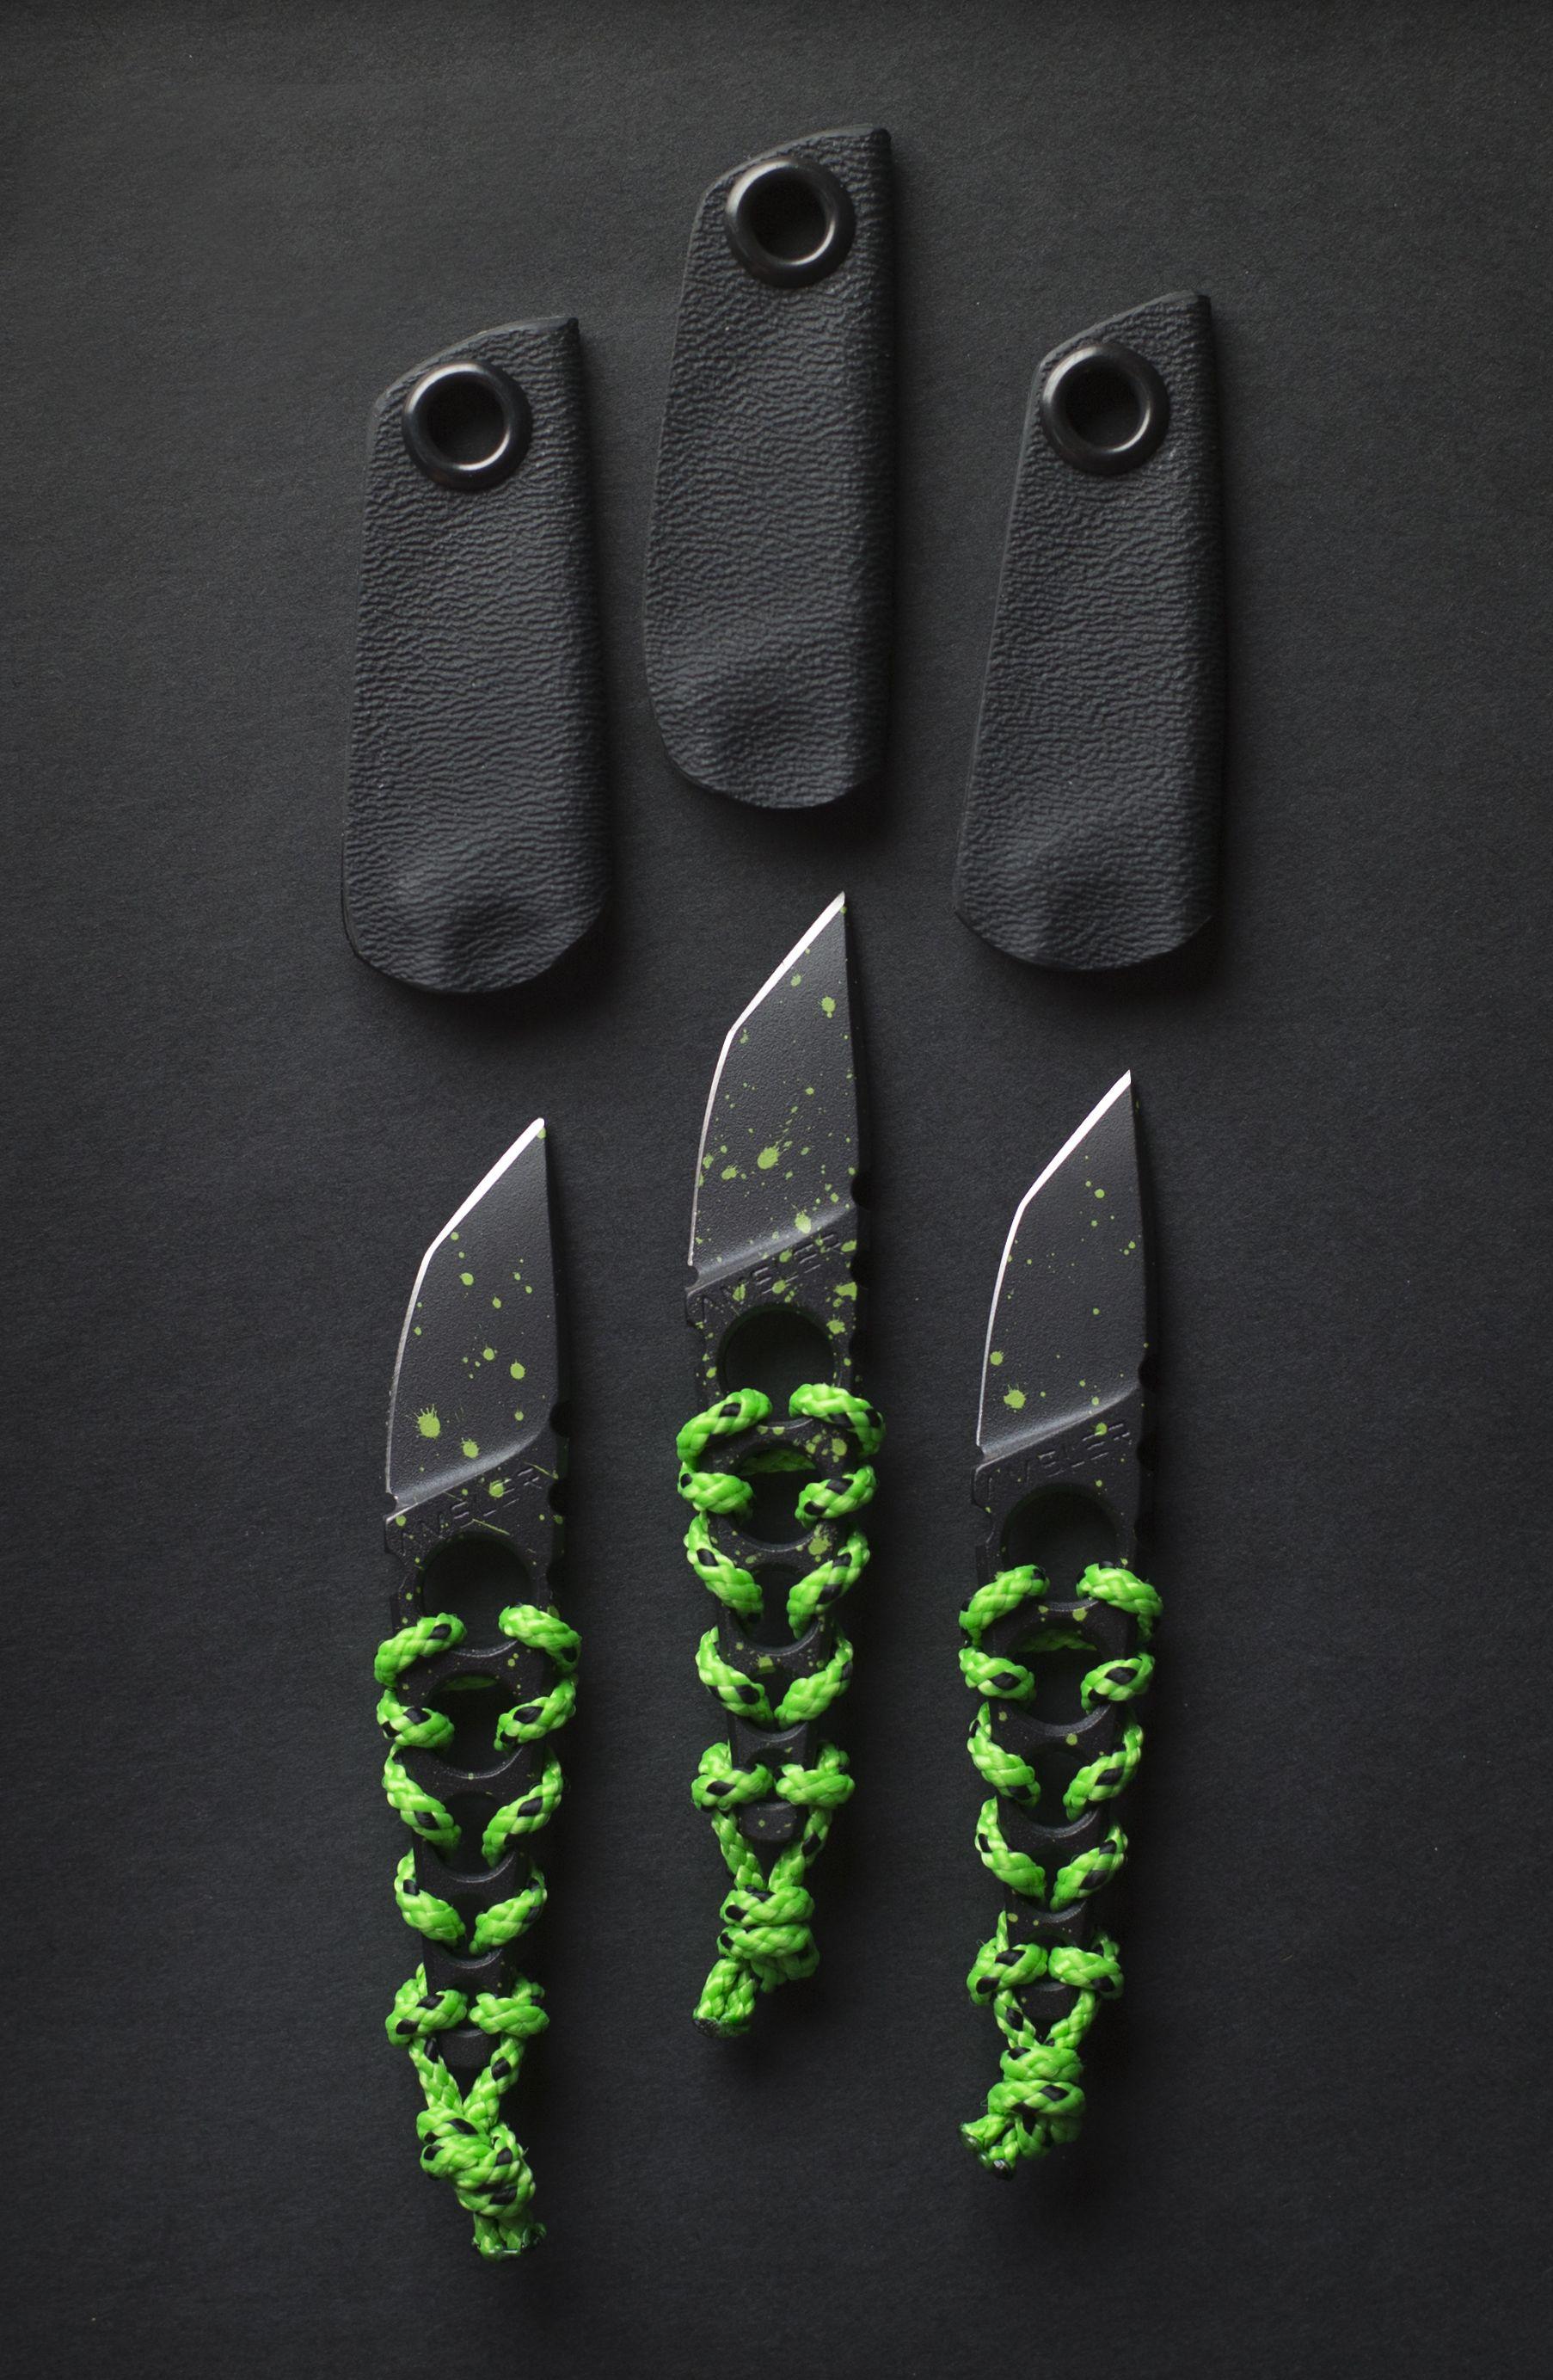 amsler knives kiri key black with green splash cerakote